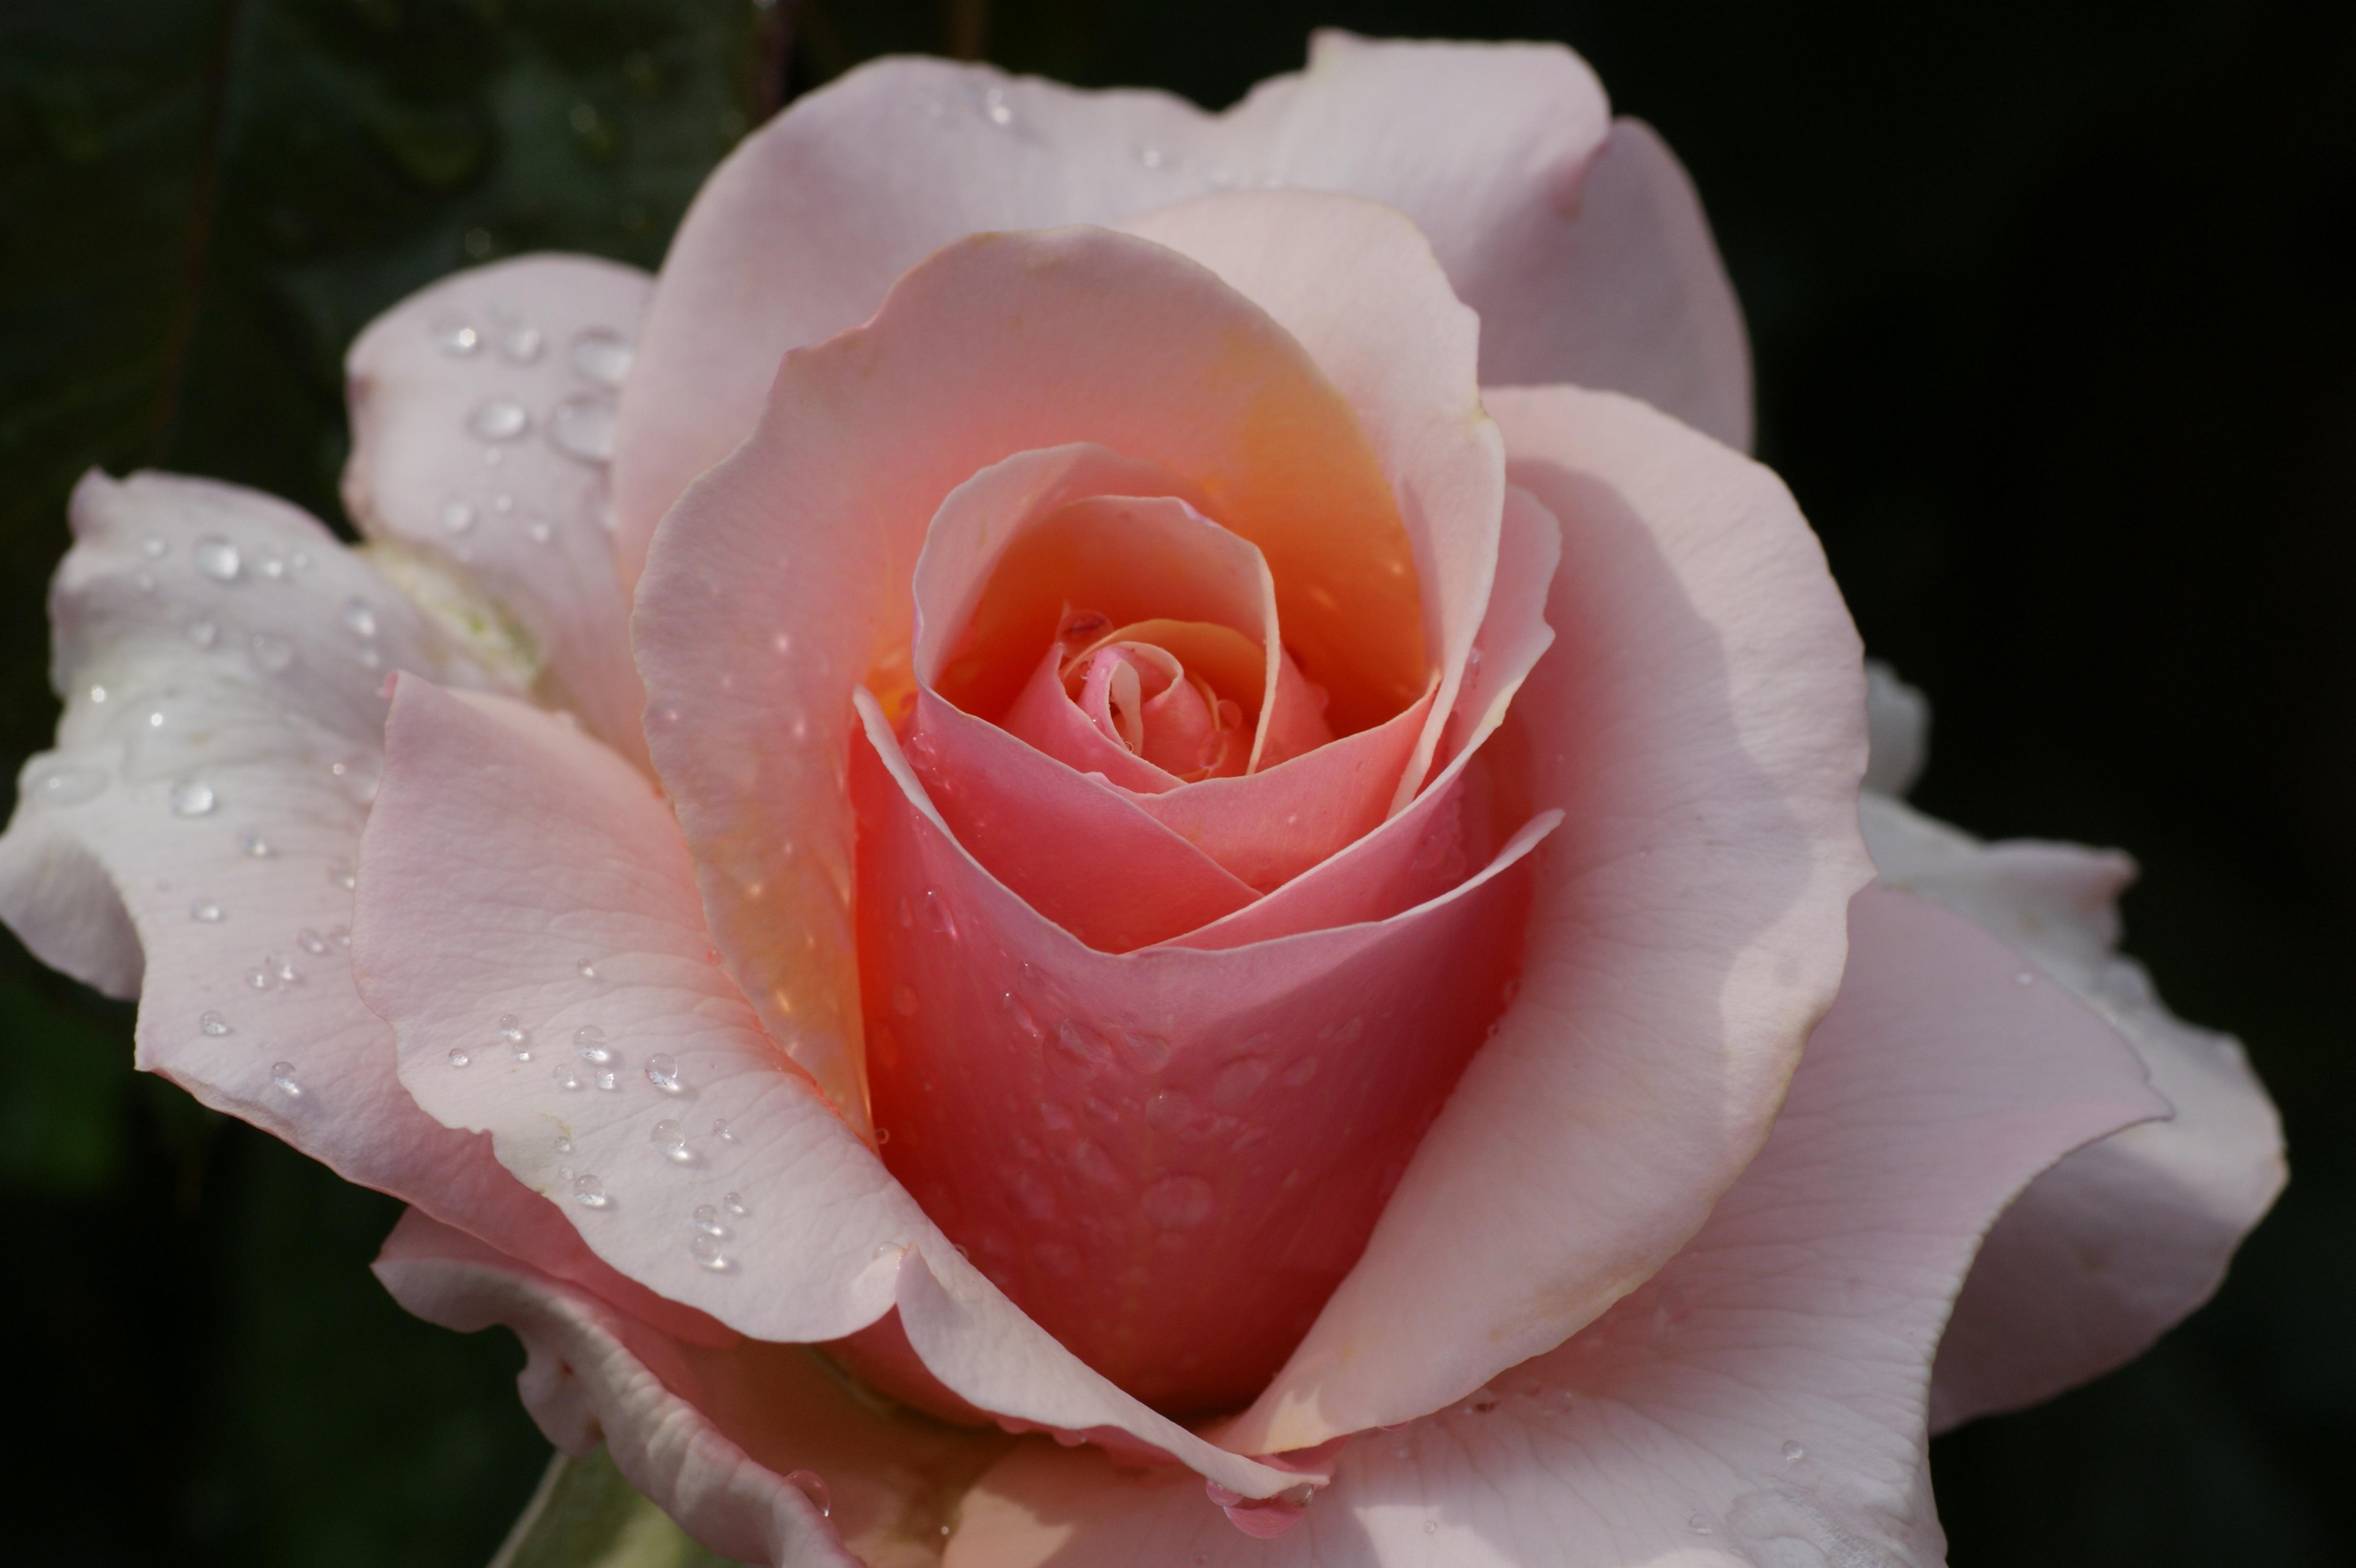 Картинки с распускающейся розой, фото красивые